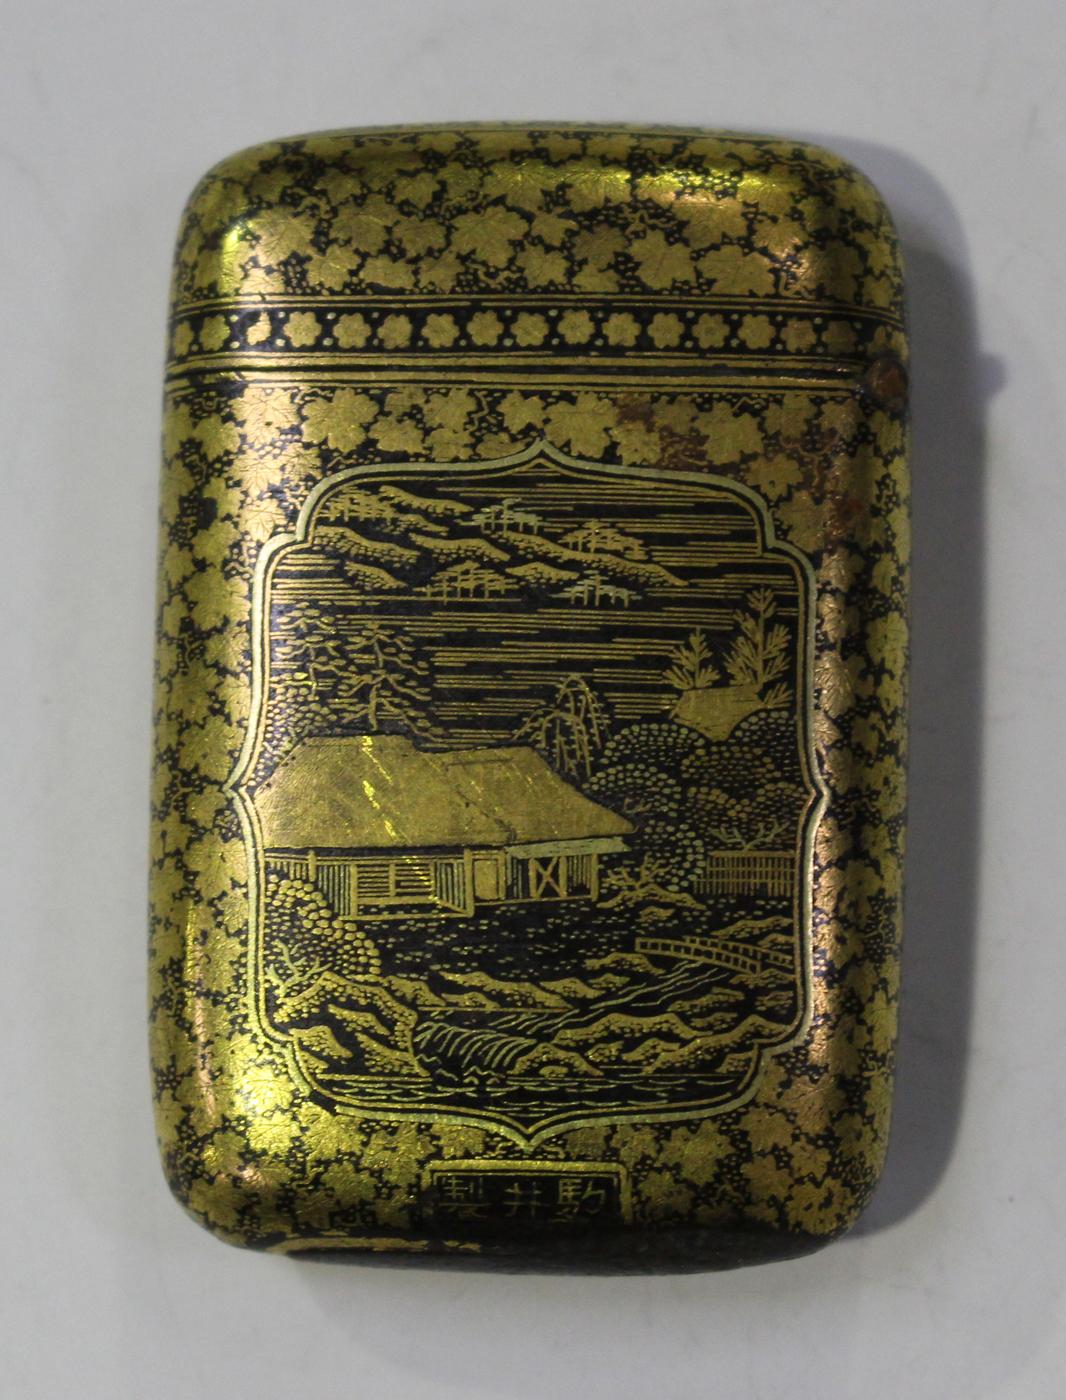 A Japanese Komai match vesta case, Meiji period, of rounded